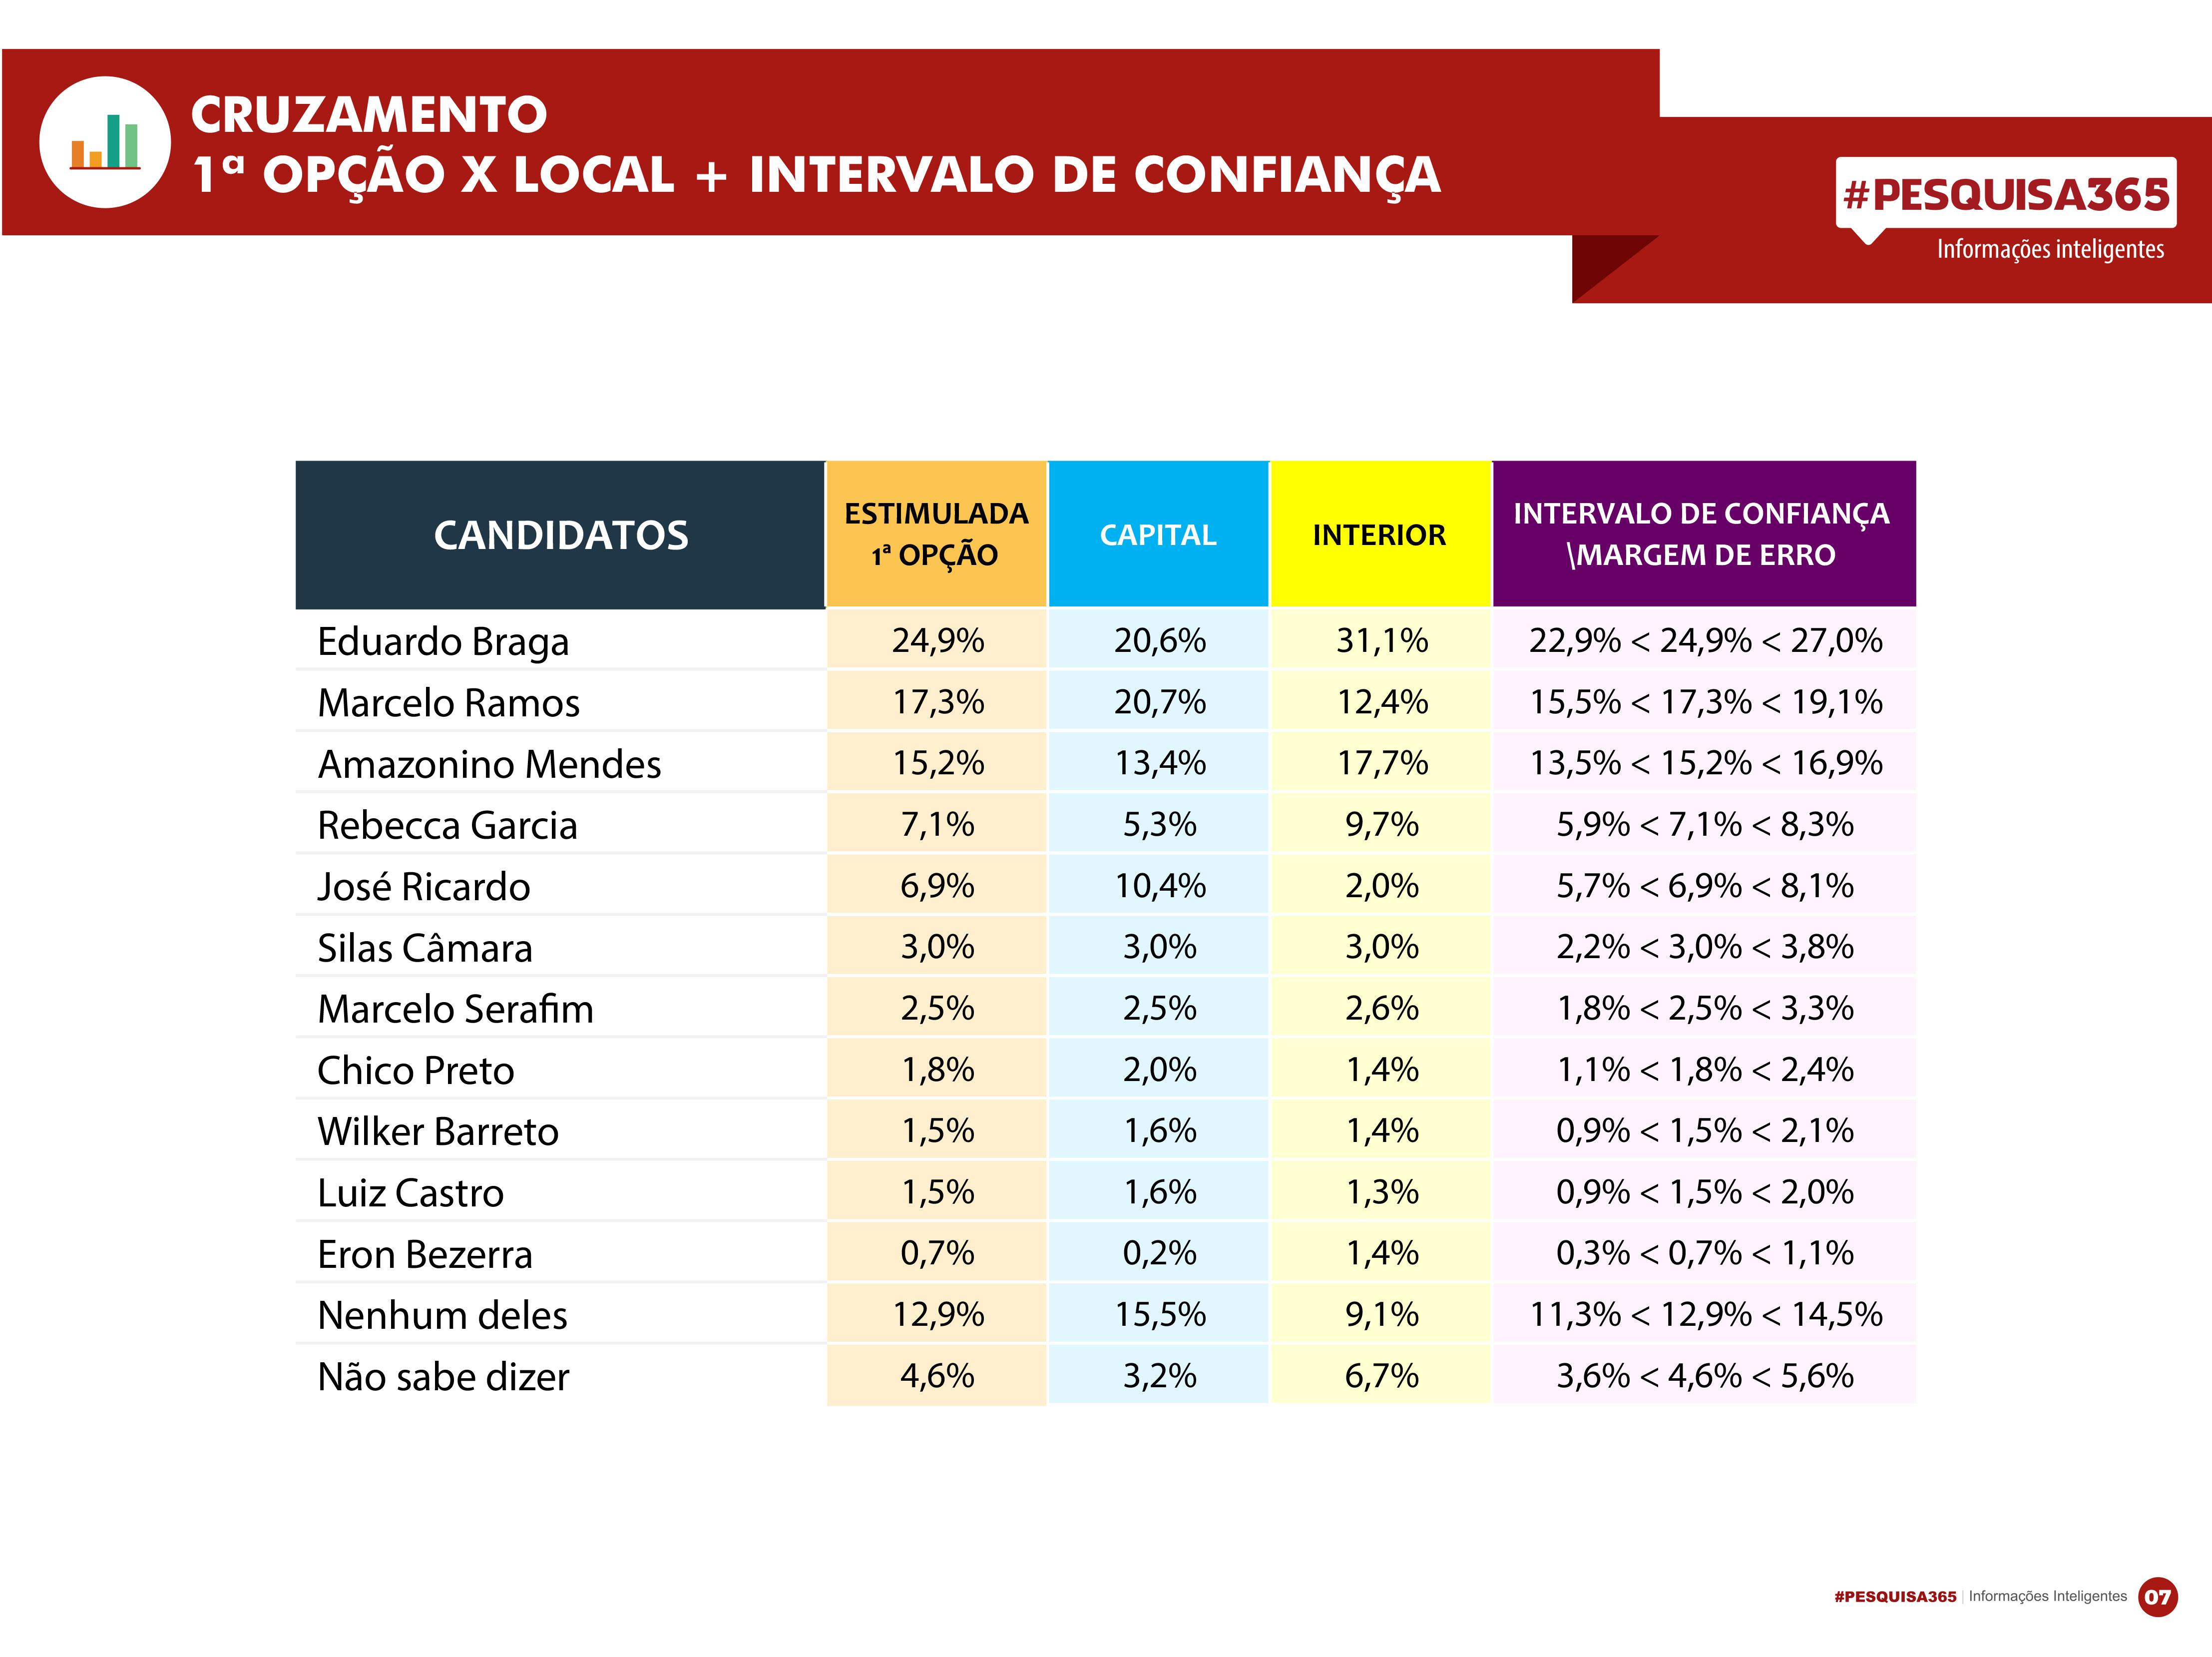 Durango Duarte - 01 Pesquisa Eleitoral Governador do Amazonas 2017